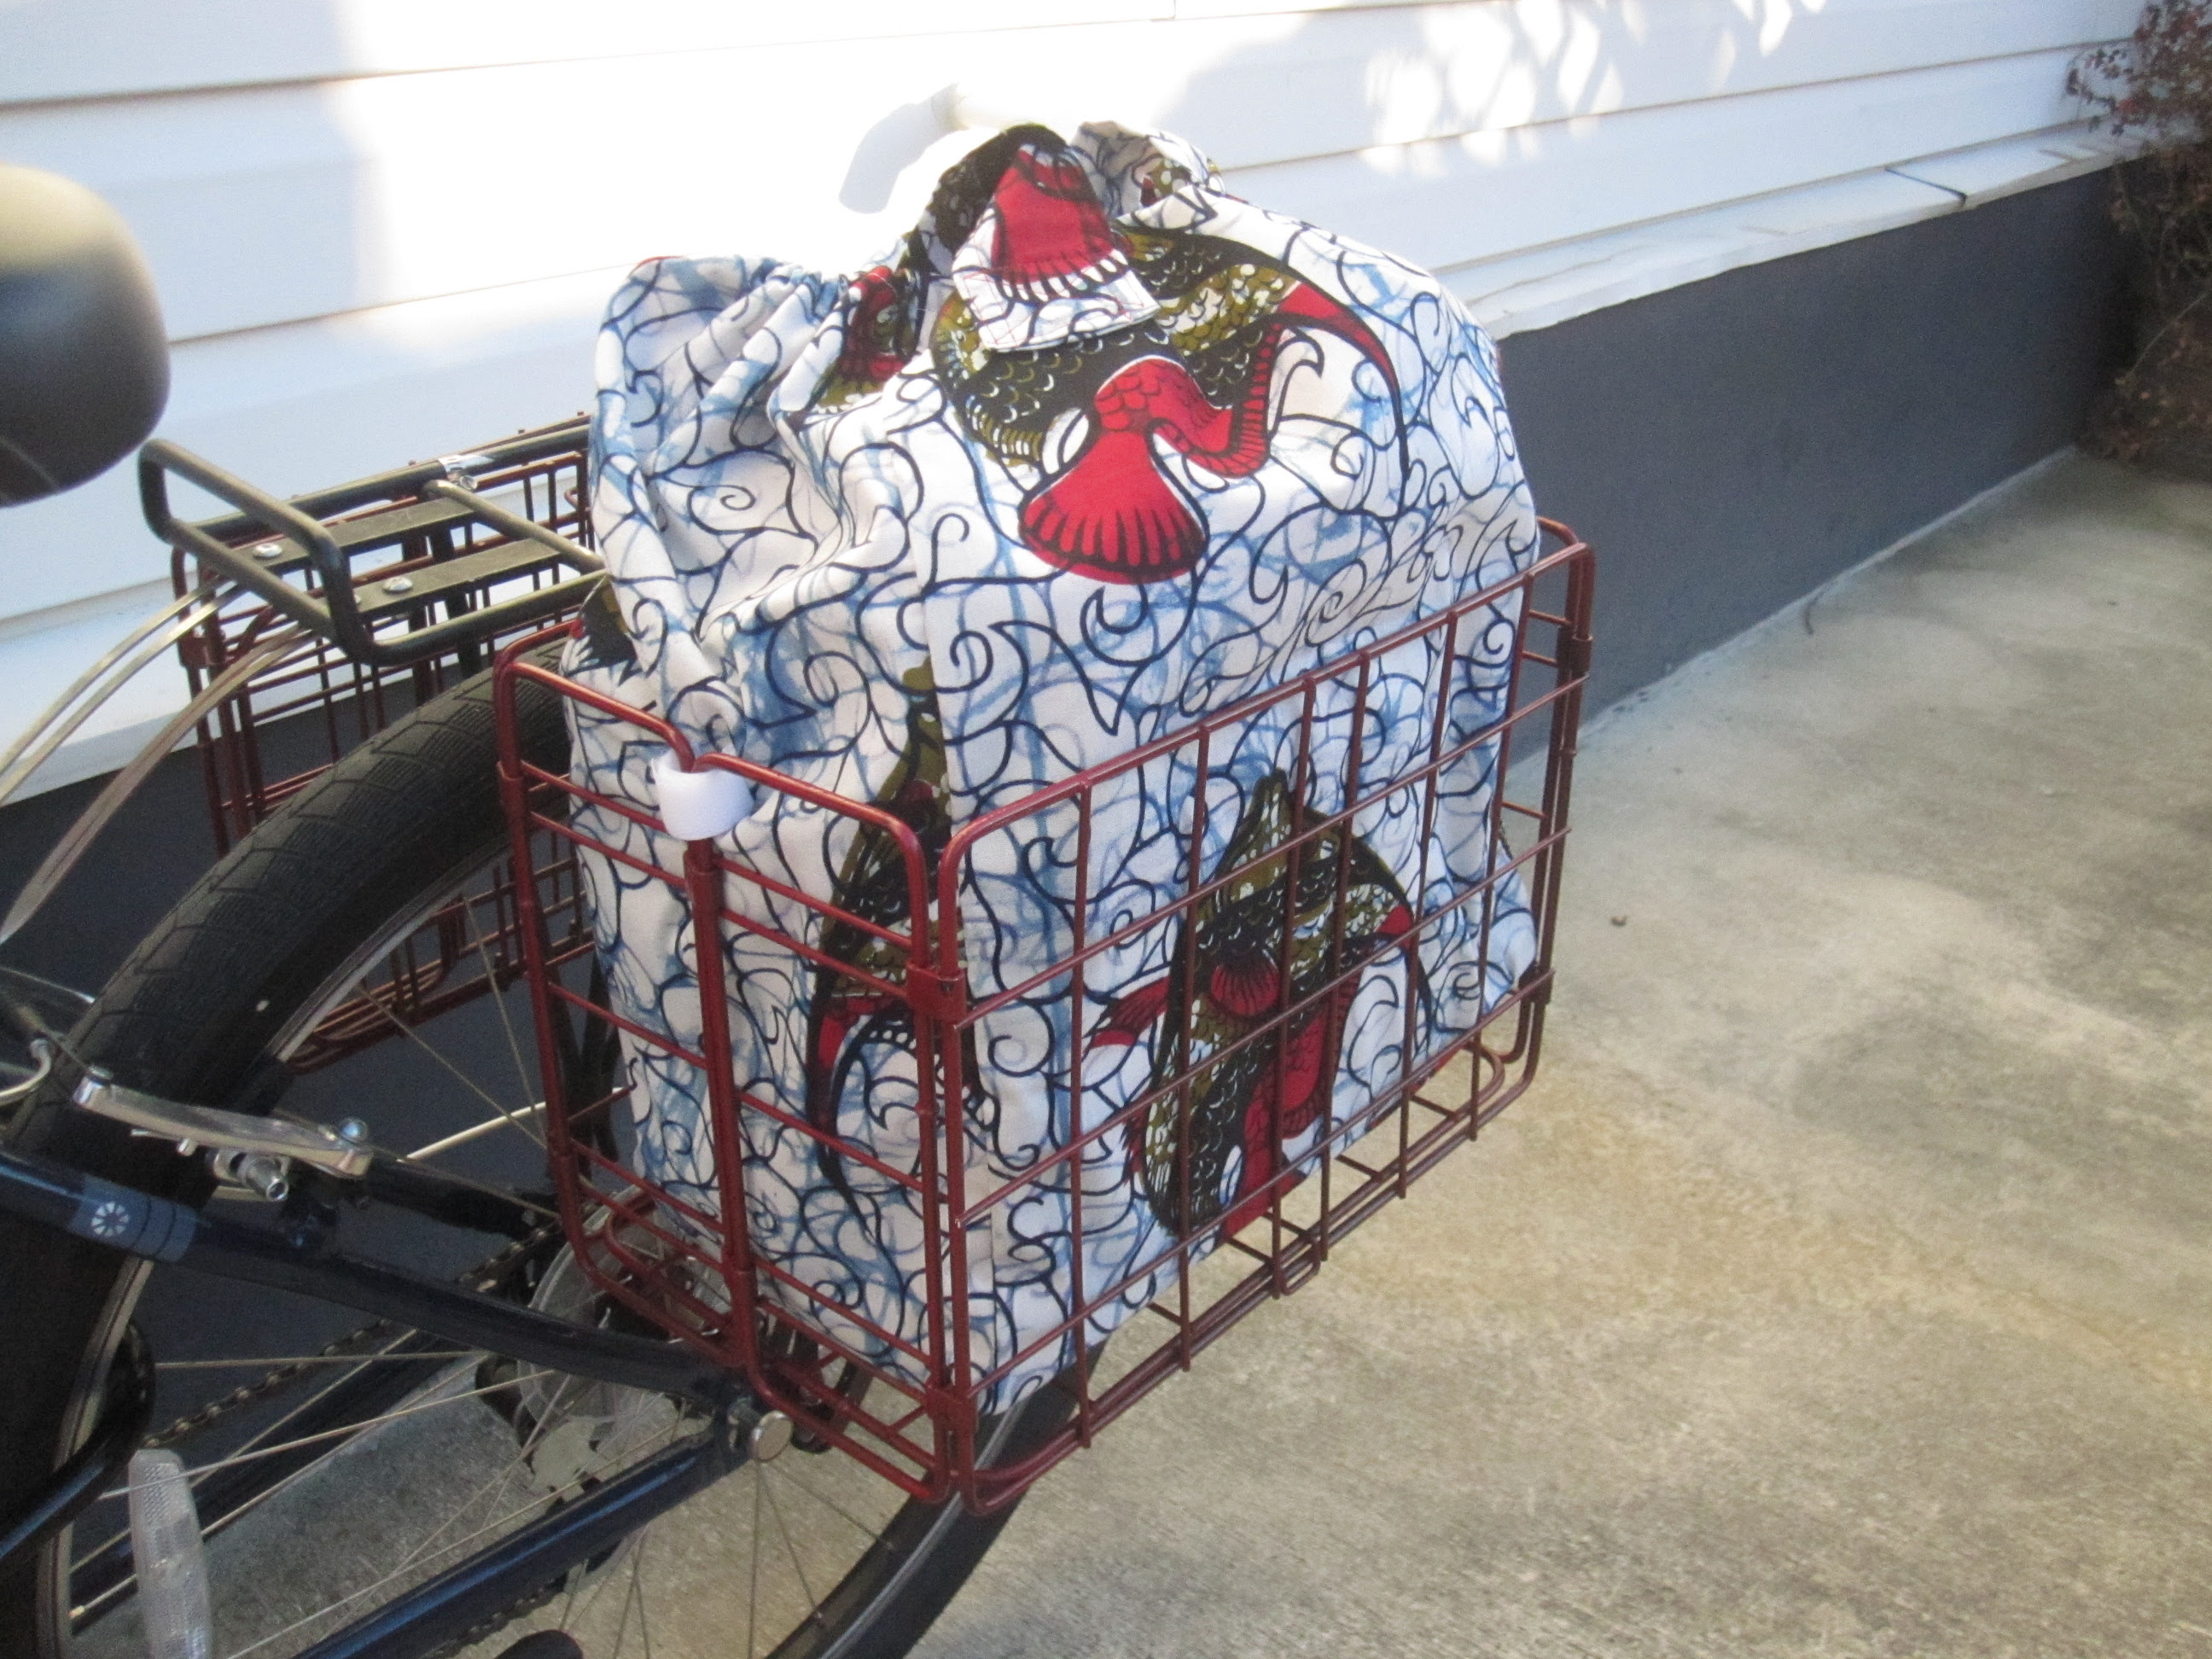 Bag in Basket